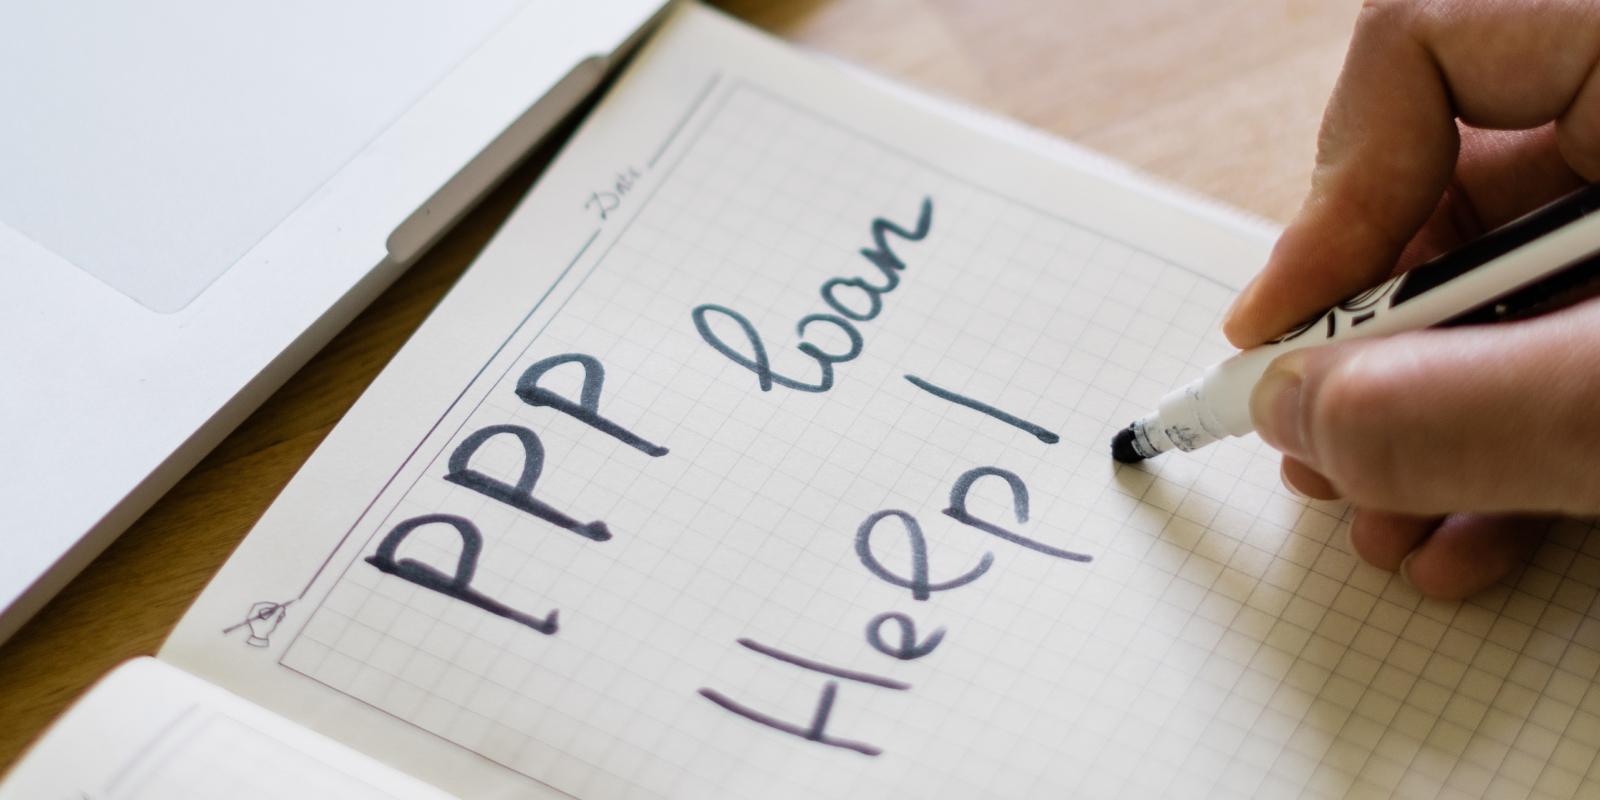 ppp loan help written on a piece of paper